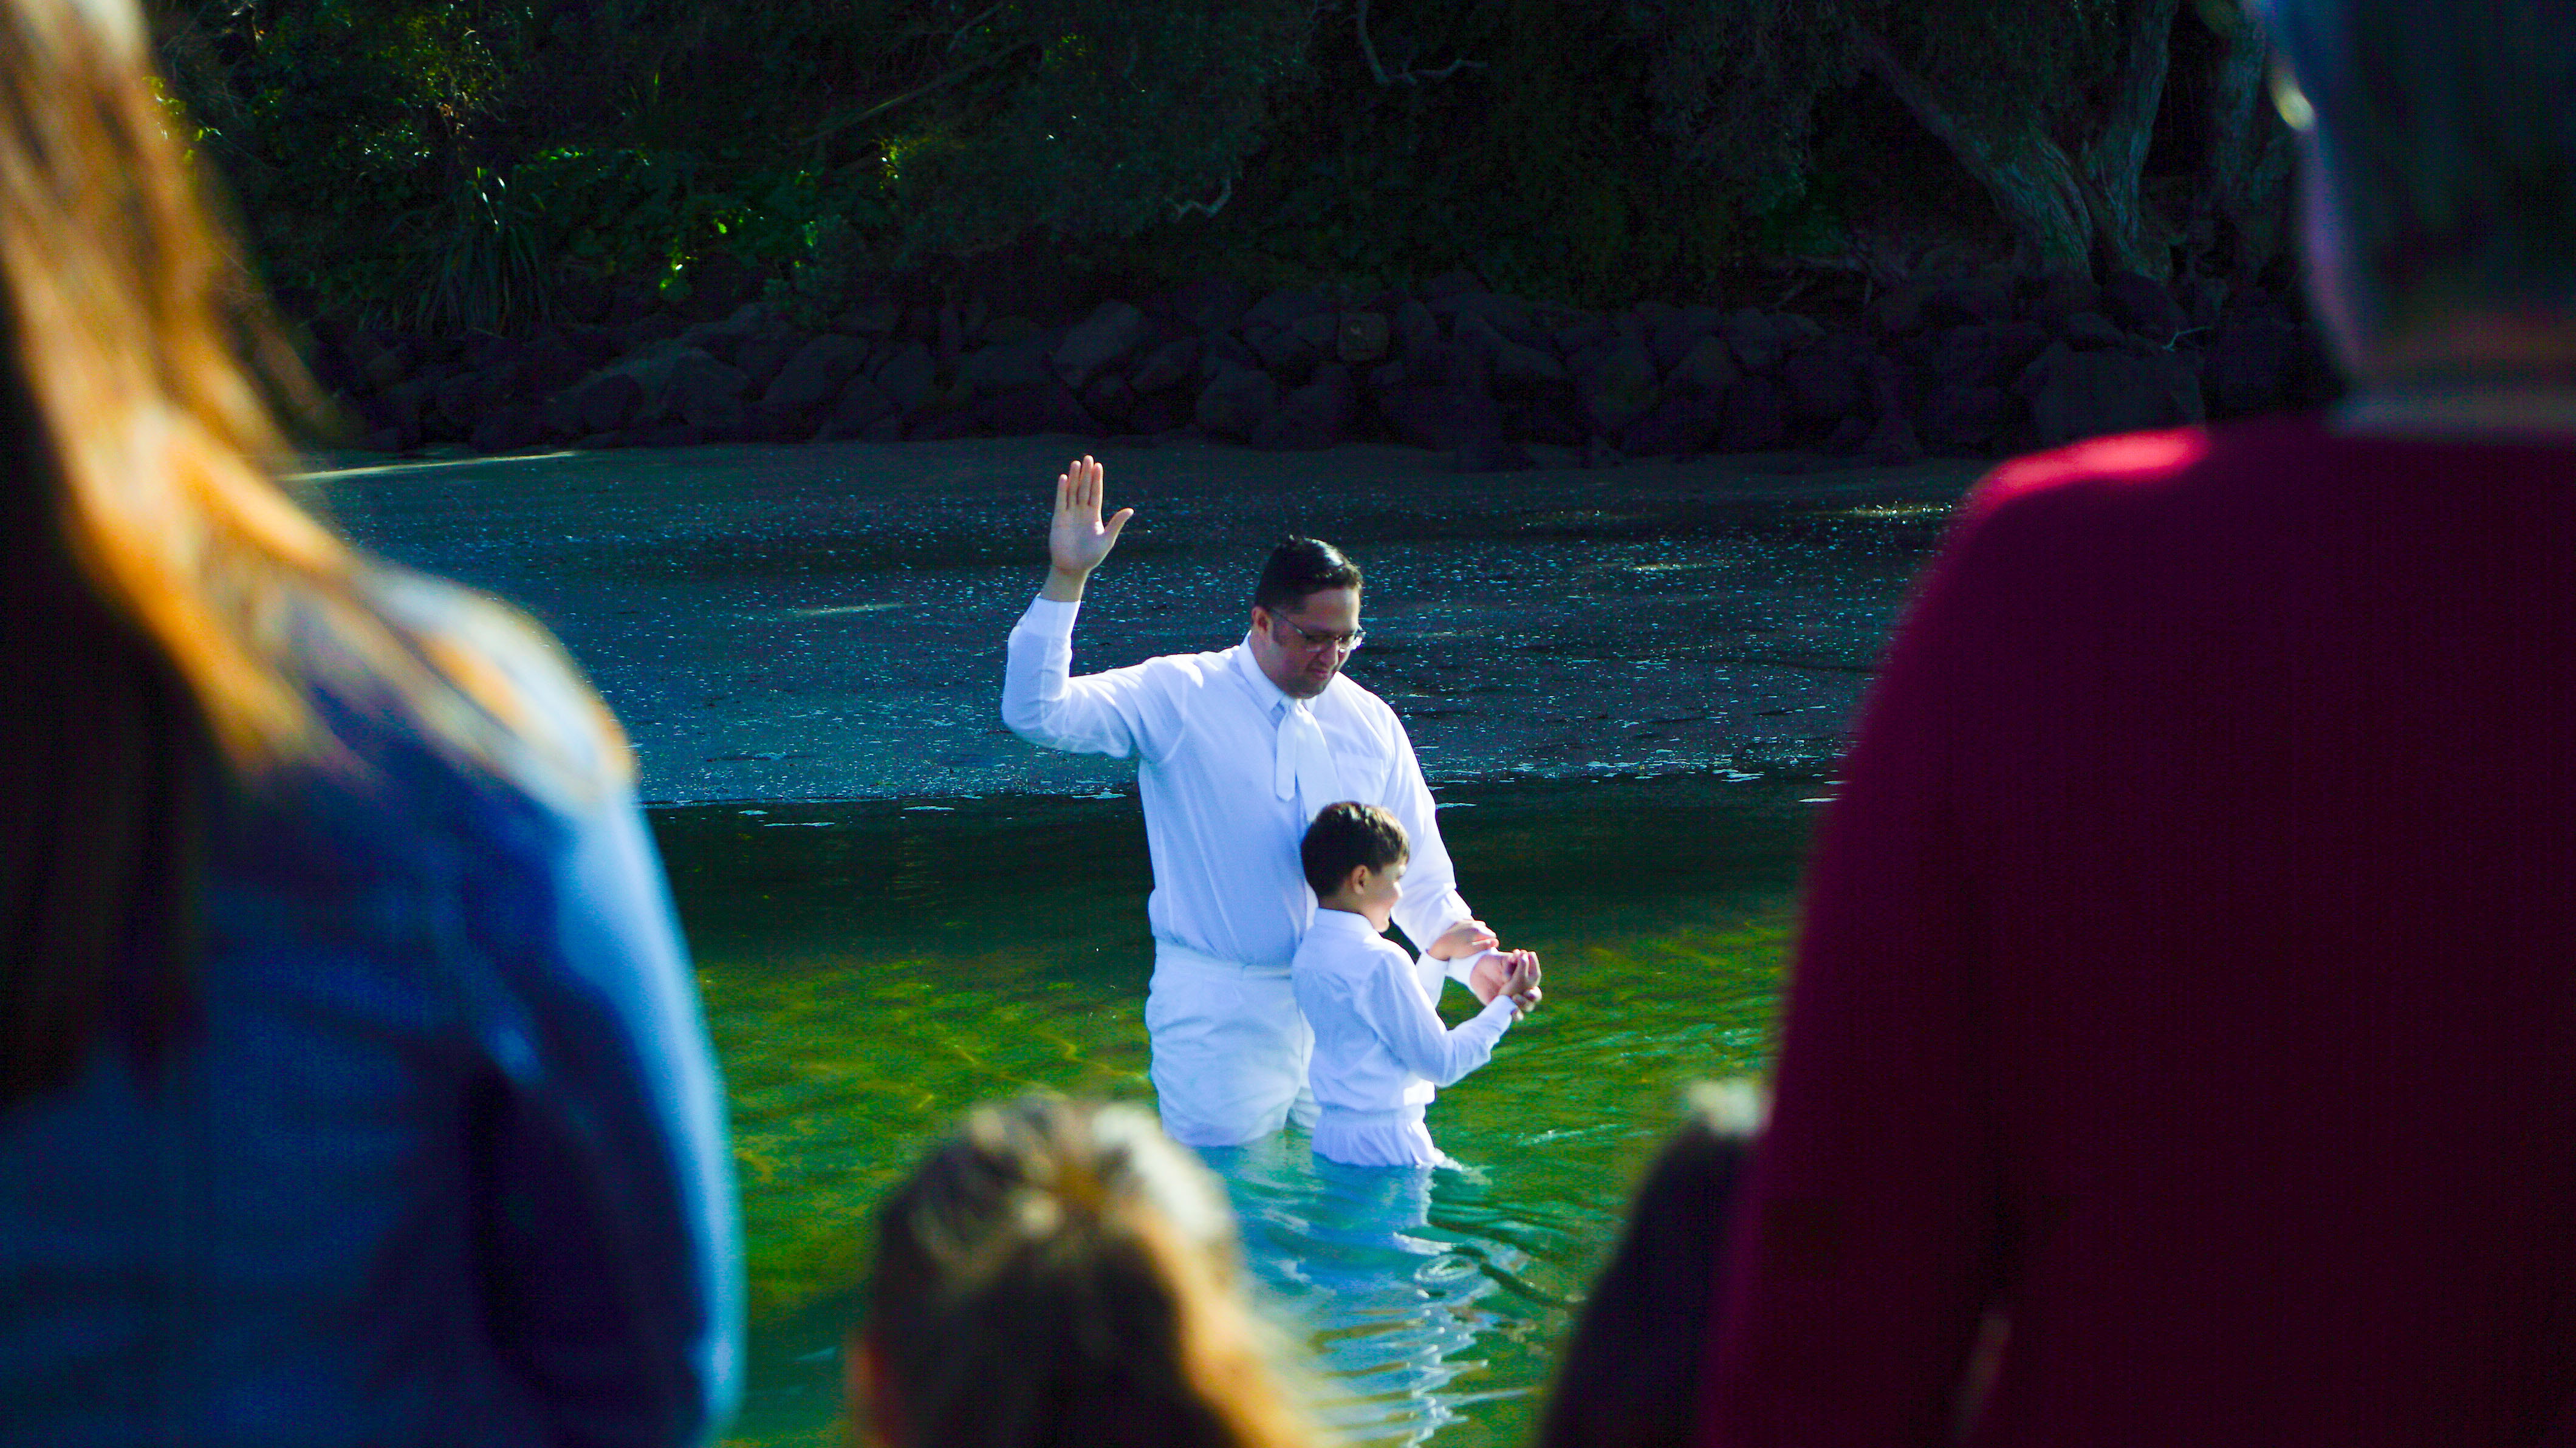 Las mujeres, niñas y niños que estén bautizados ahora podrán servir como testigos en bautismos, tal como anunció la Iglesia el 2 de octubre de 2019. Quienes sean poseedores dignos de una recomendación, incluidos los jóvenes con recomendaciones de uso limitado, también pueden ser testigos en los bautismos del templo. Además, las mujeres investidas pueden servir como testigos en los sellamientos del templo.